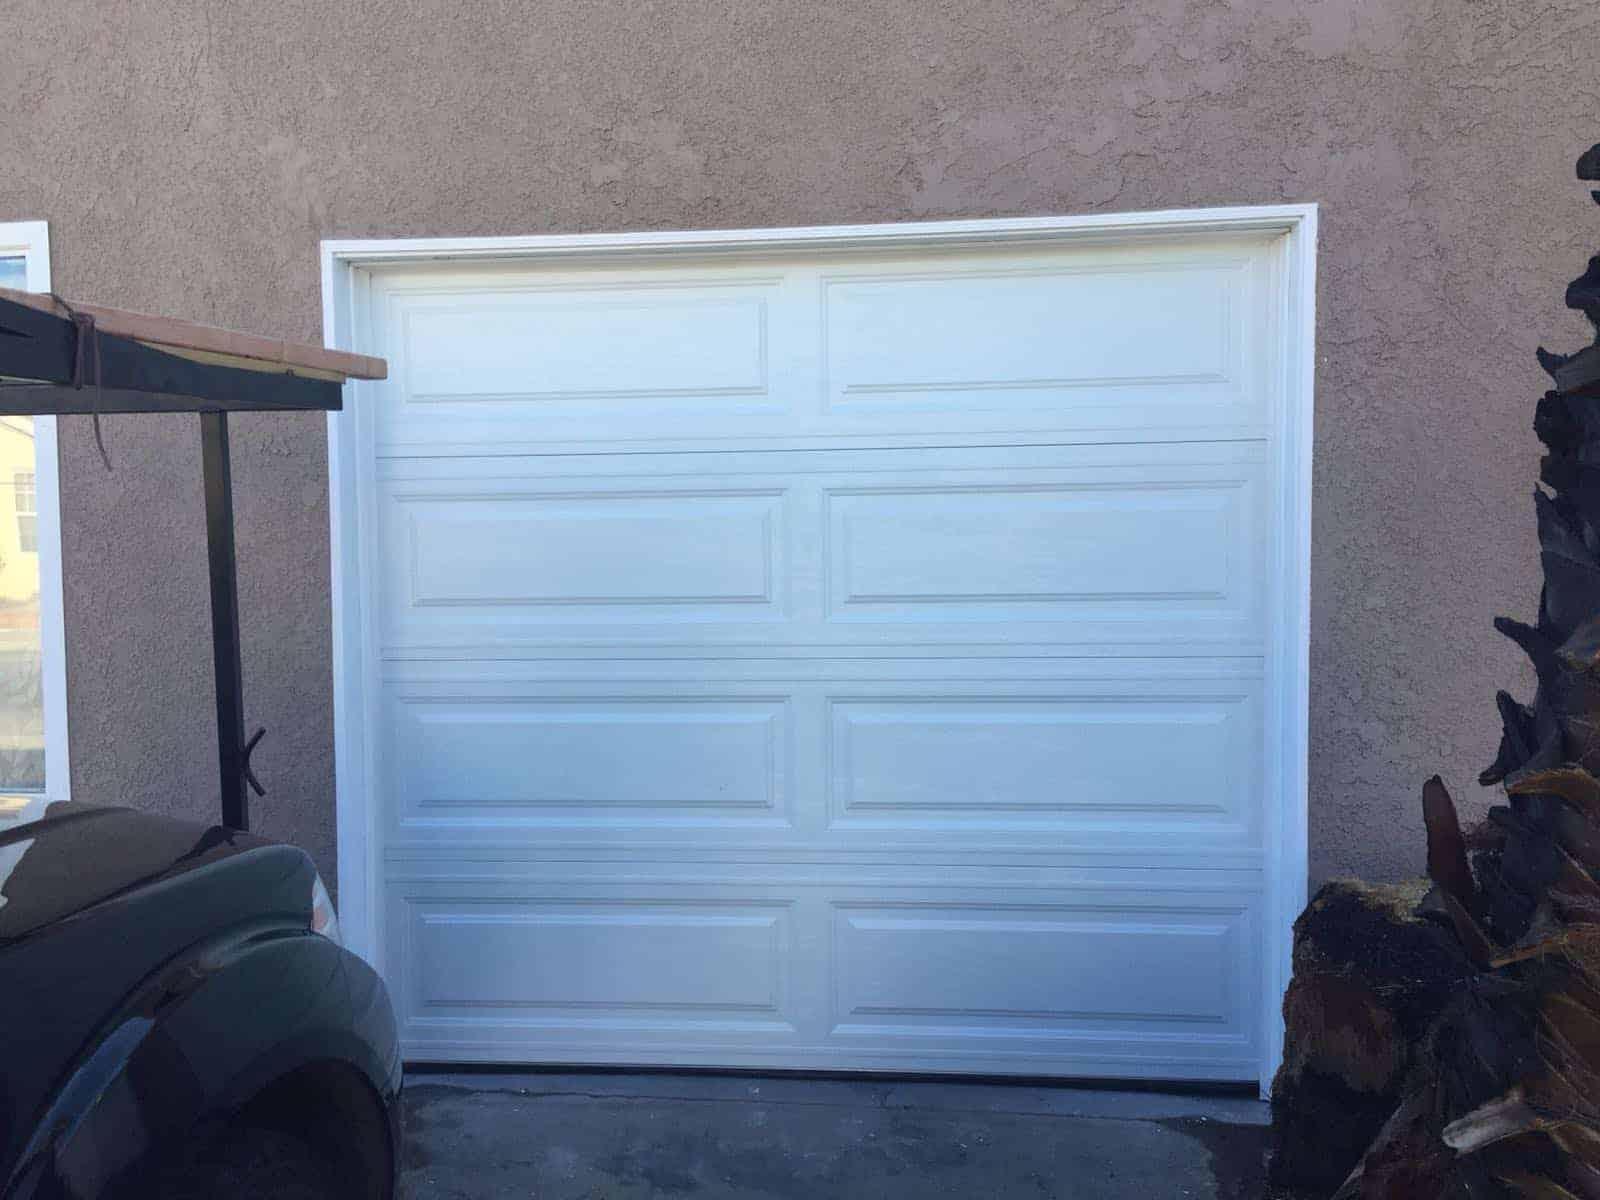 South Gate CA Garage Door Repair & Replacement